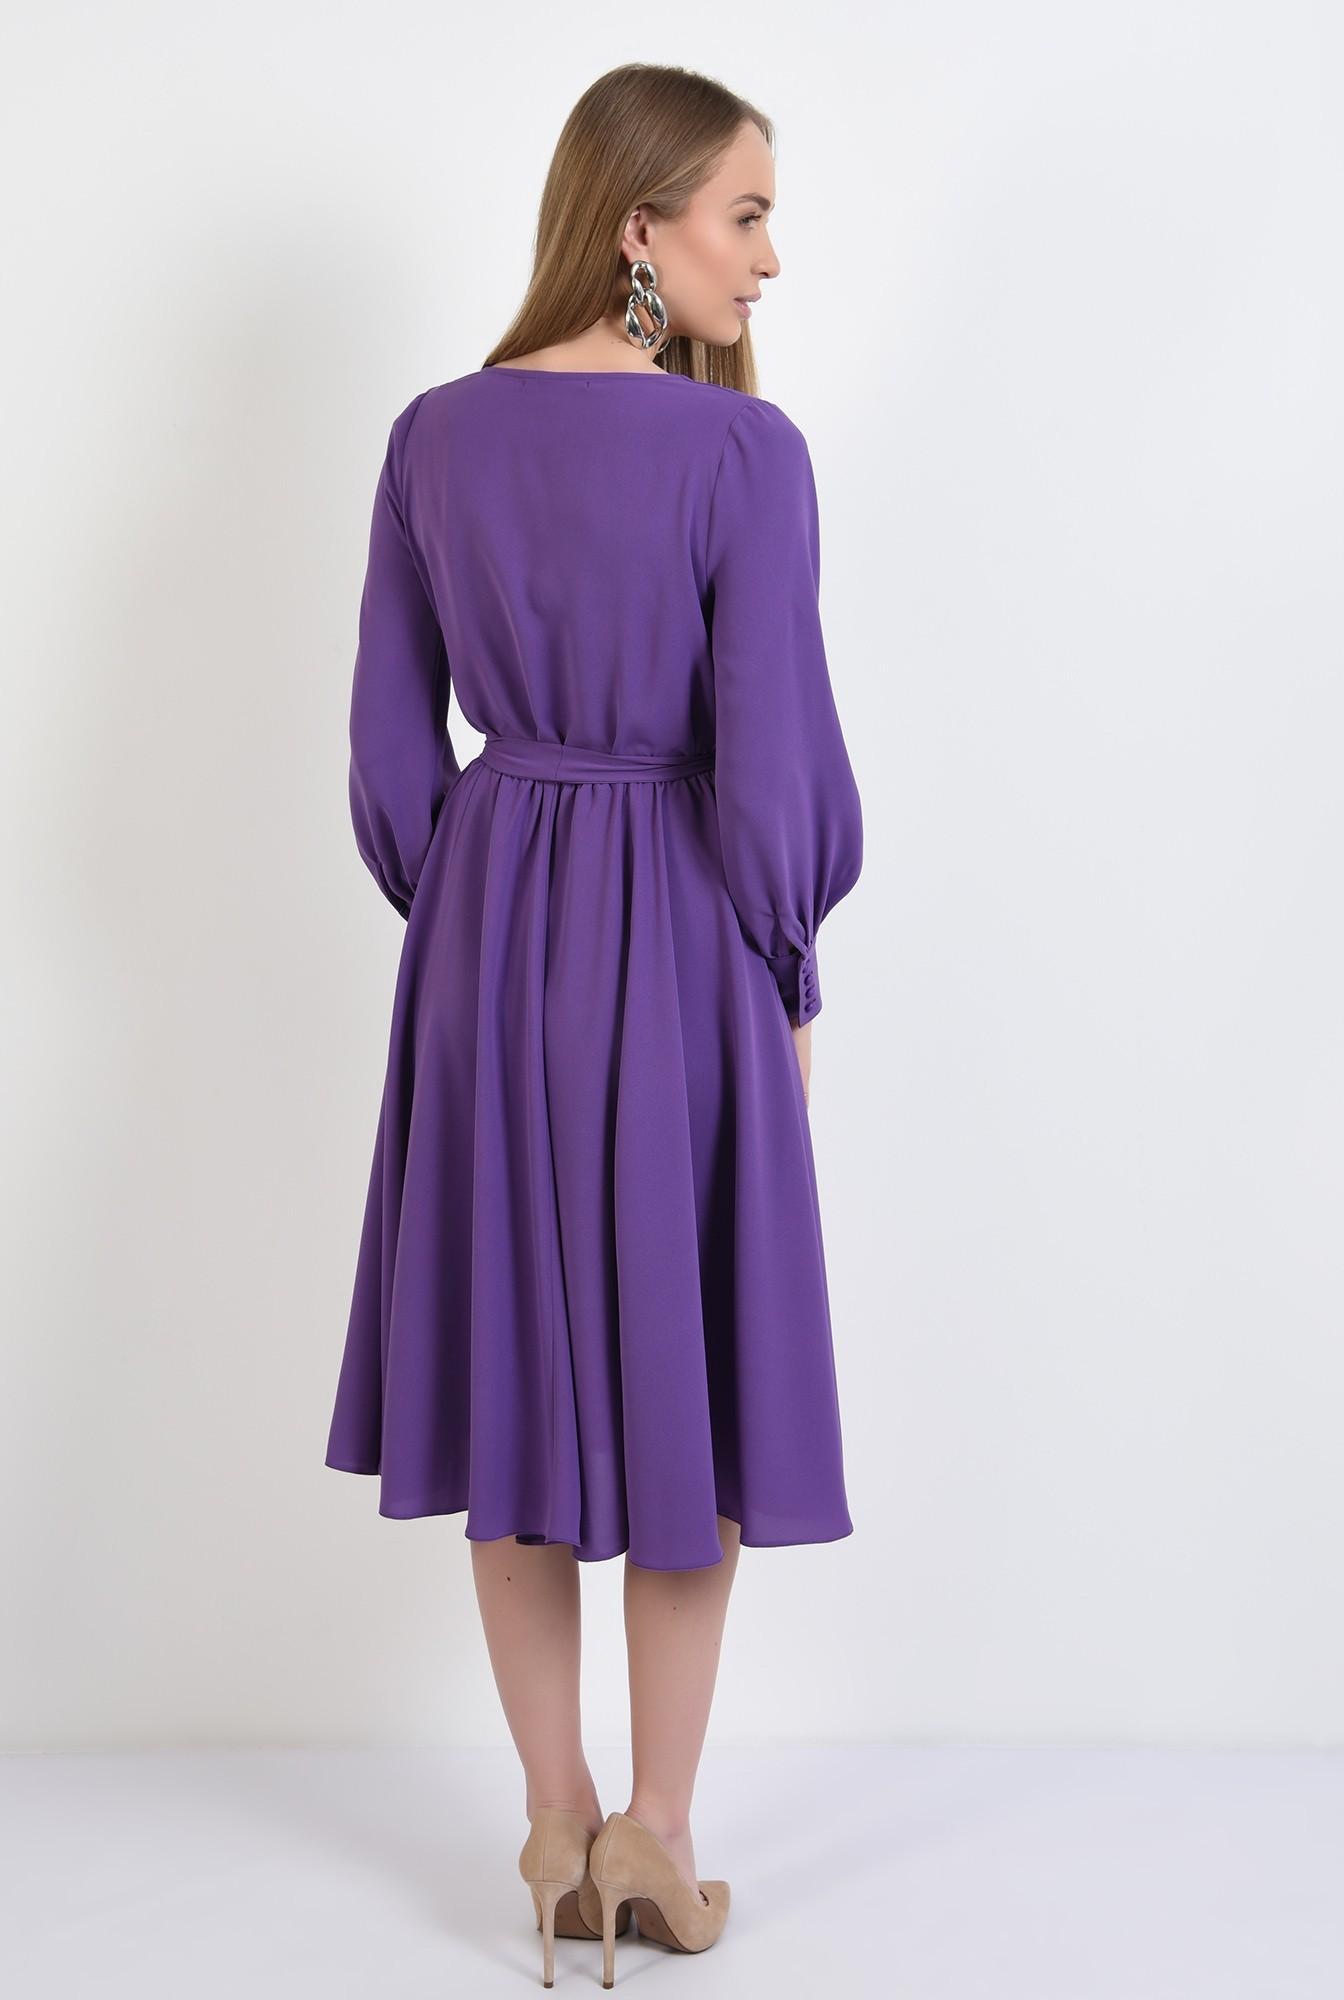 1 -  rochie casual, evazata, midi, cu cordon, anchior petrecut, maneci lungi